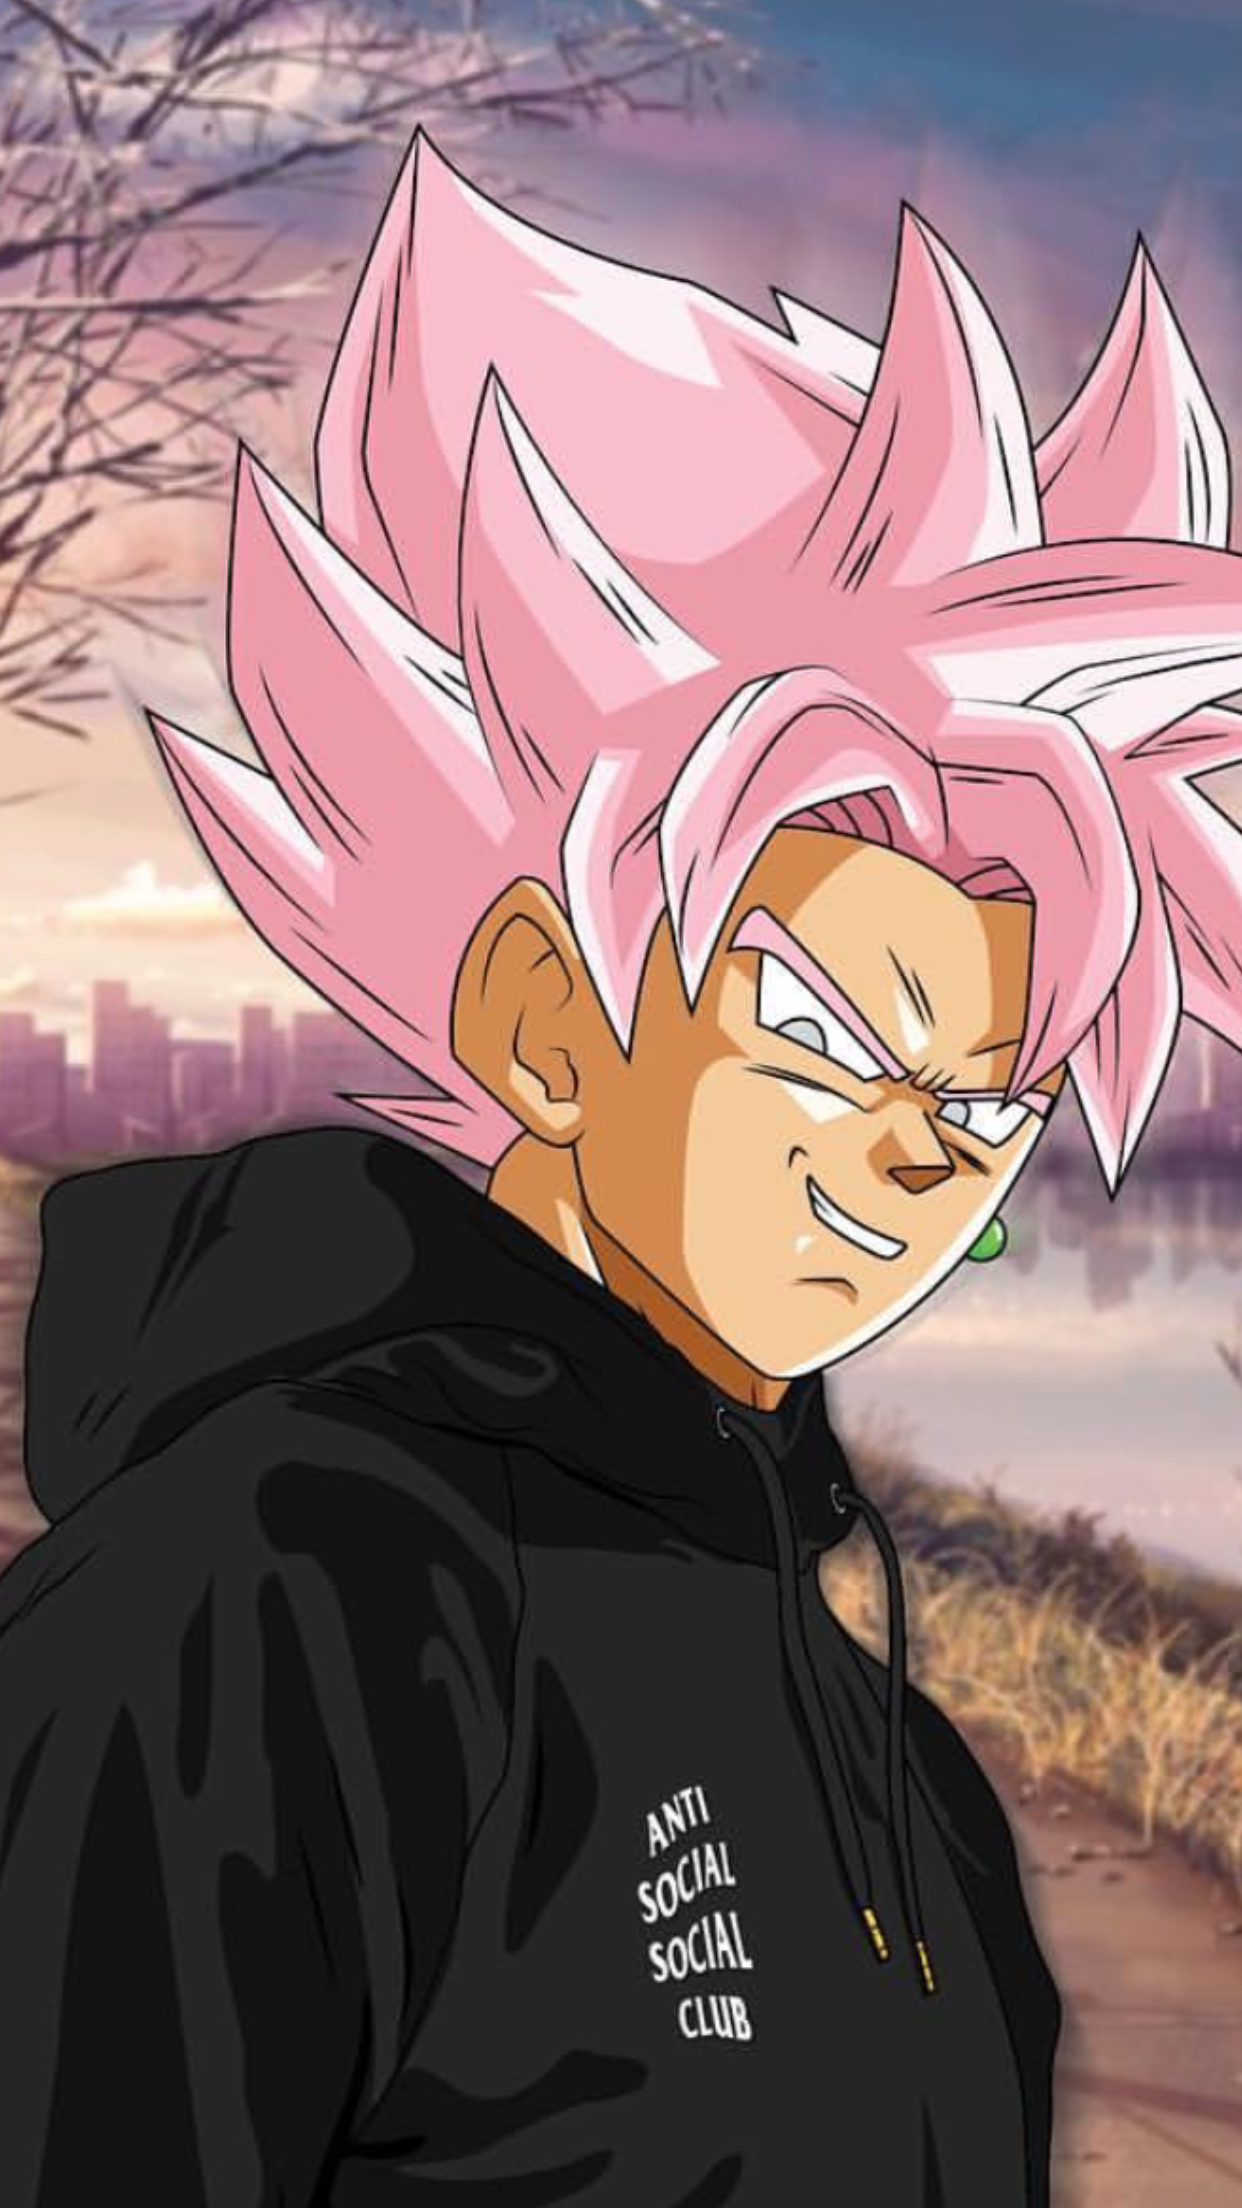 Super Saiyan Pink Goku Black Credits Madebyrvk On Instagram Anime Dragon Ball Super Dragon Ball Super Goku Goku Black